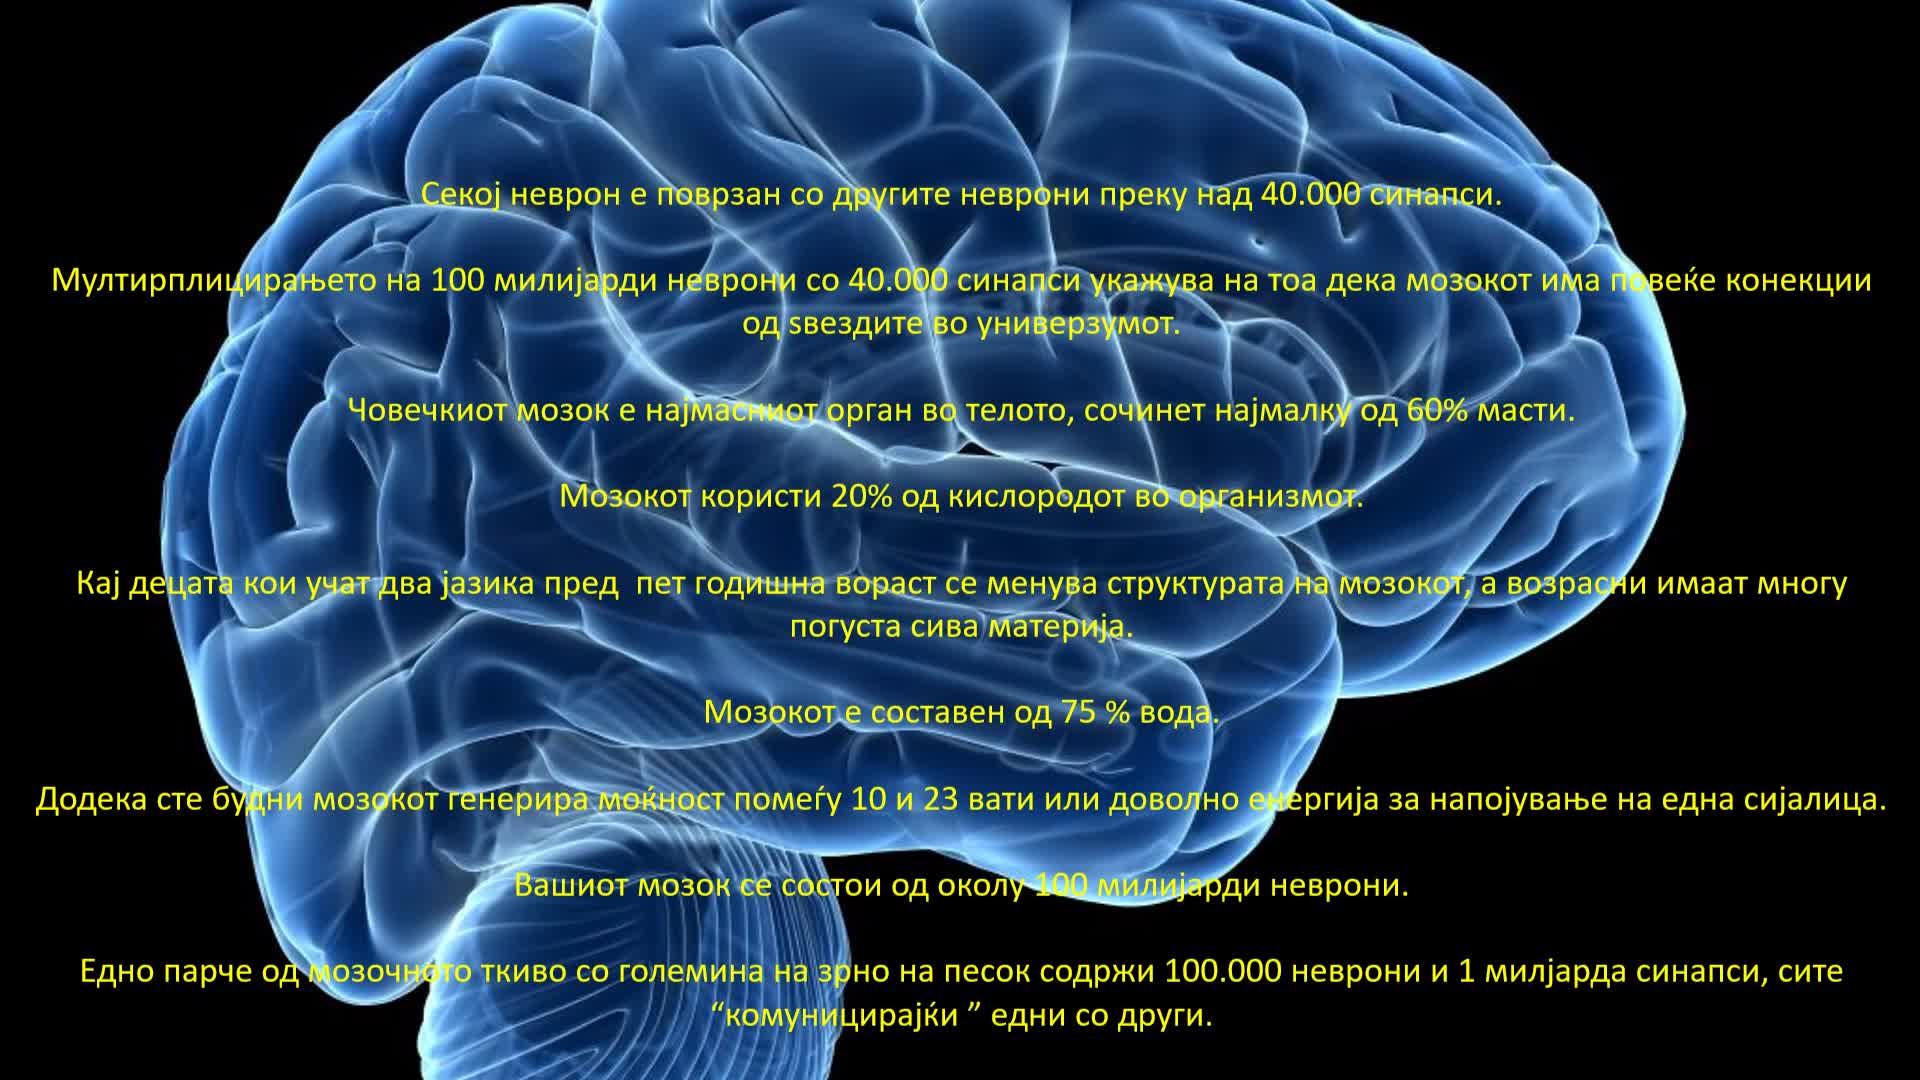 Interesni fakti koi ne ste gi znaele za mozokot